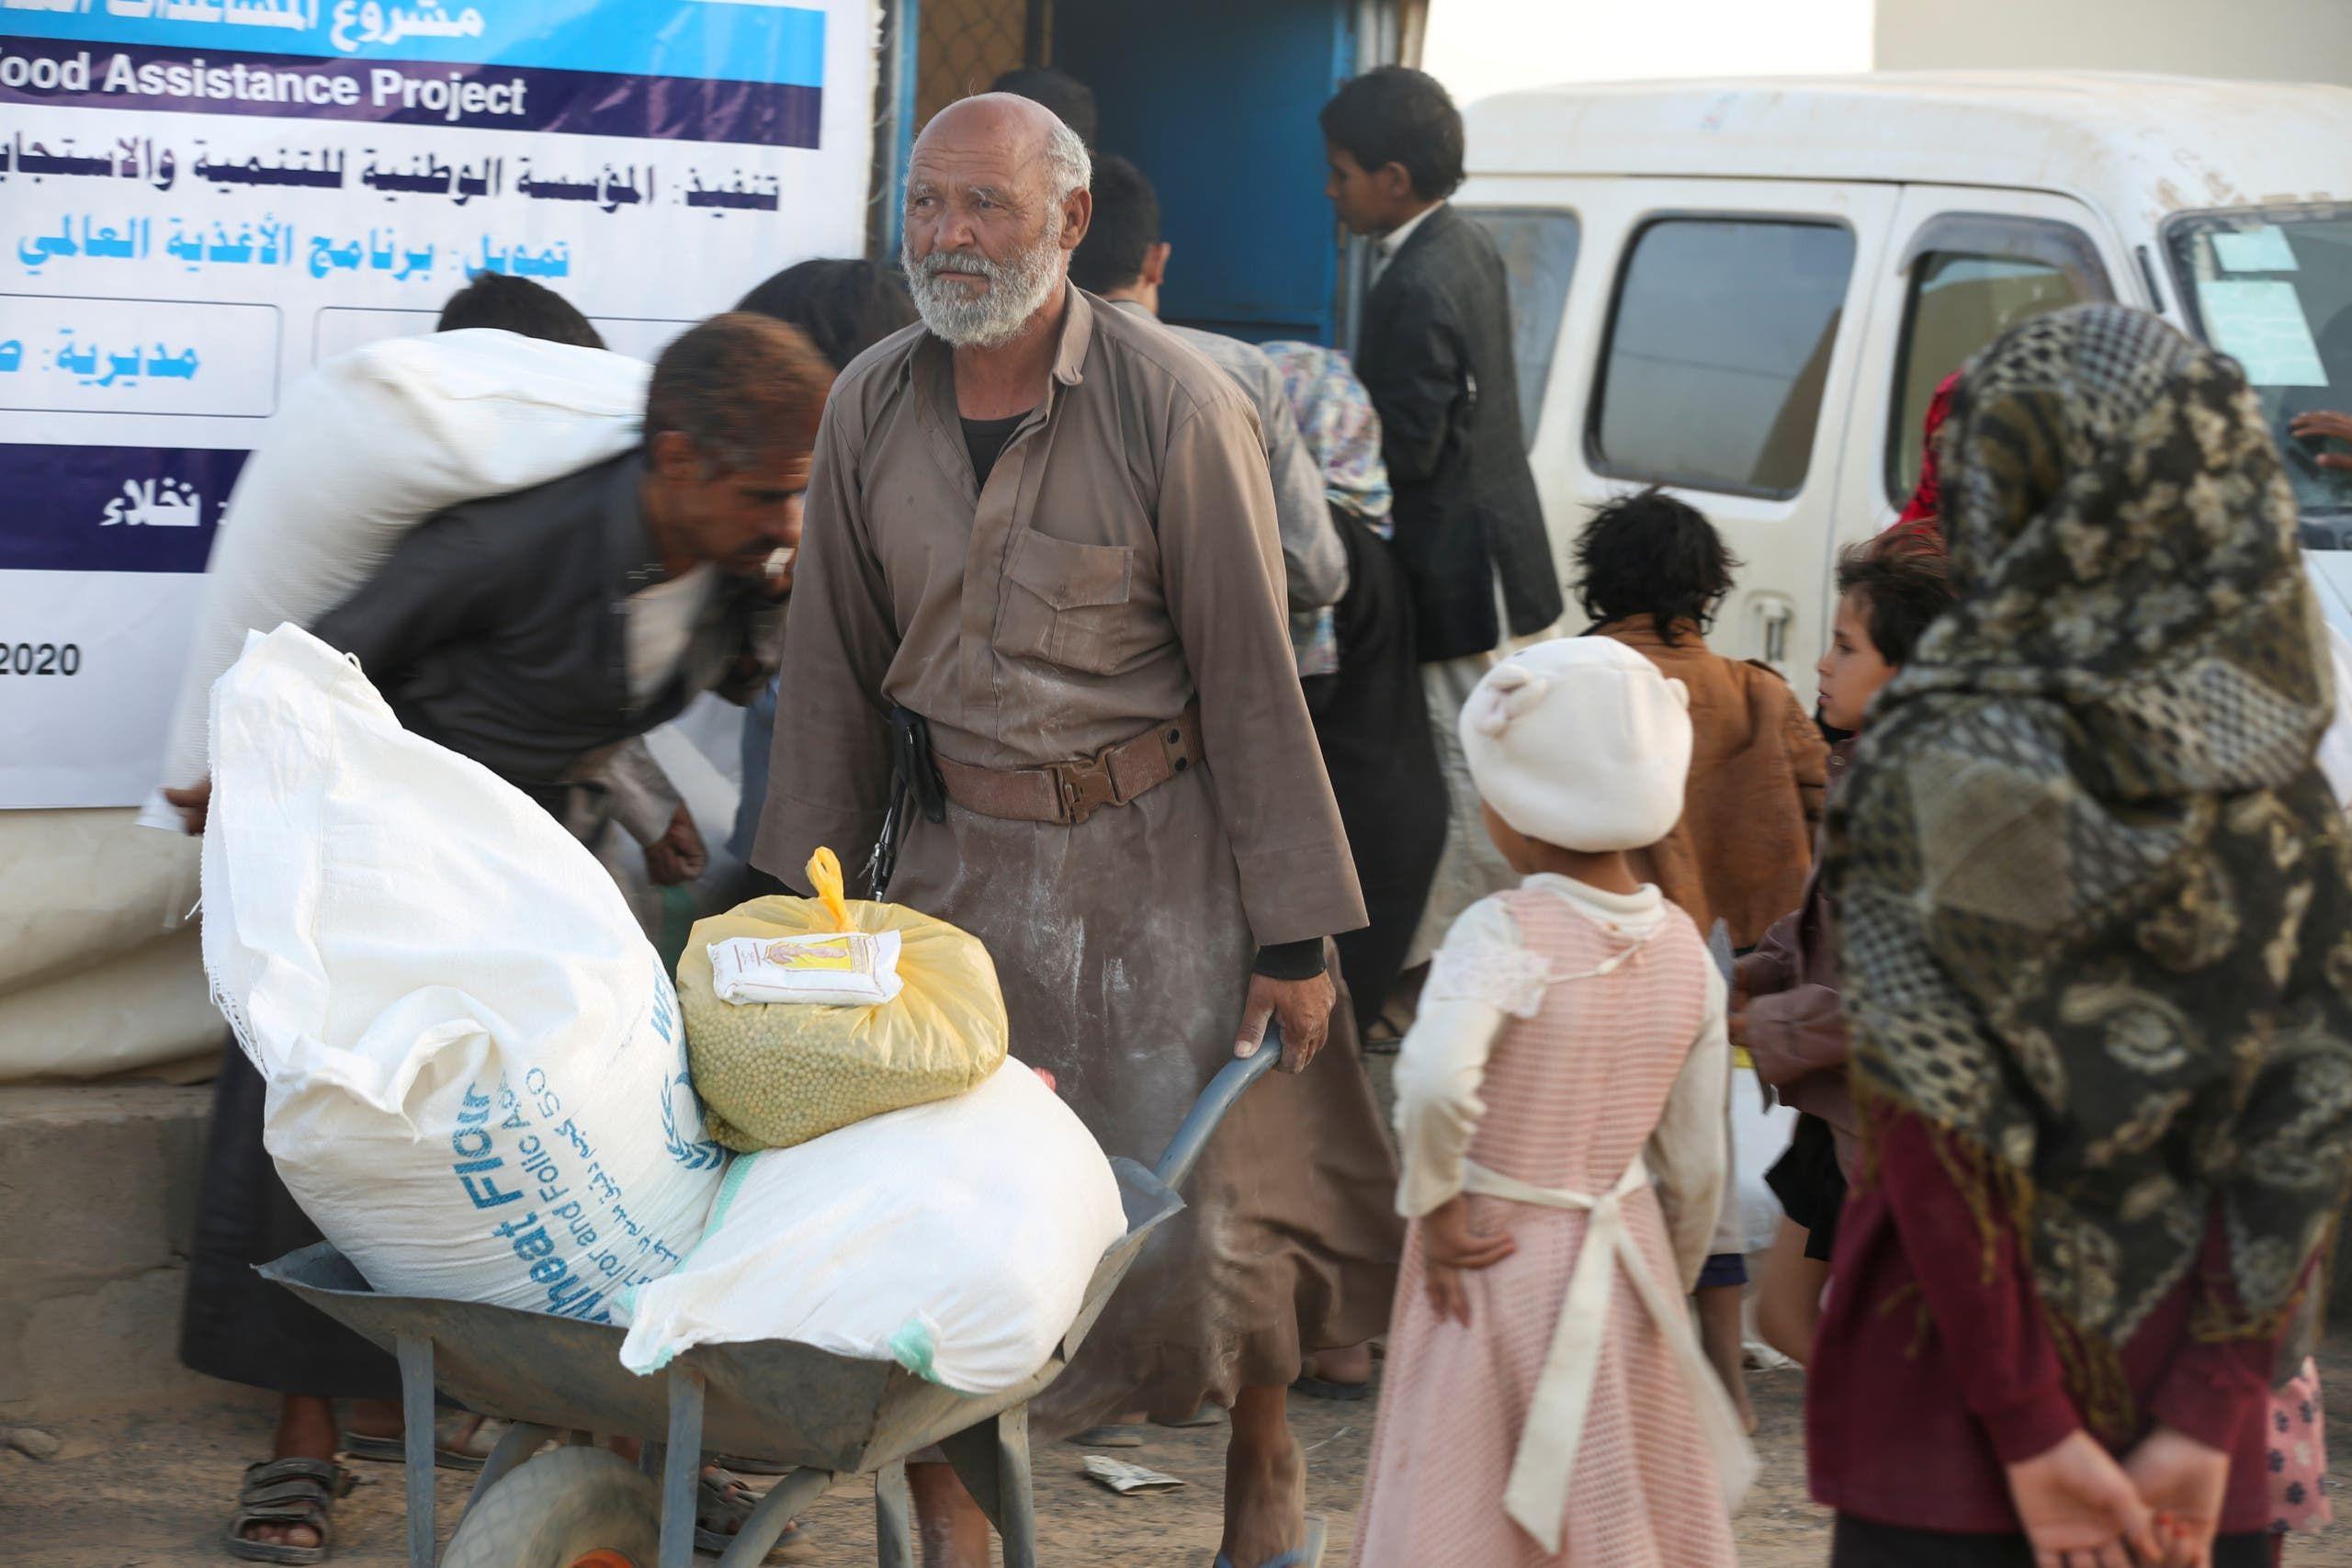 توزيع مساعدات إنسانية في مأرب (أرشيفية)